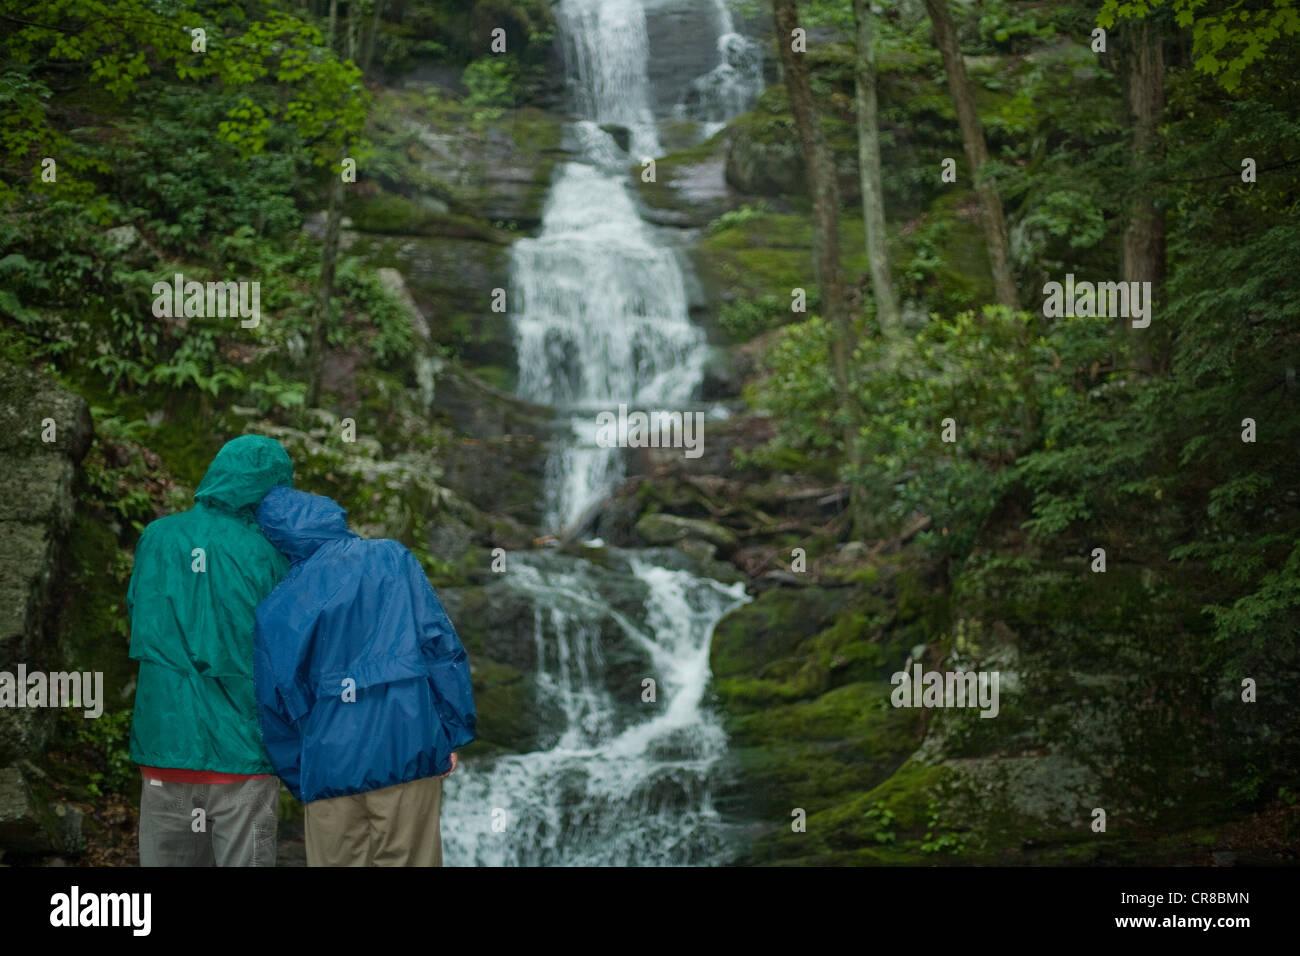 Paar auf der Suche an einem Wasserfall Stockbild